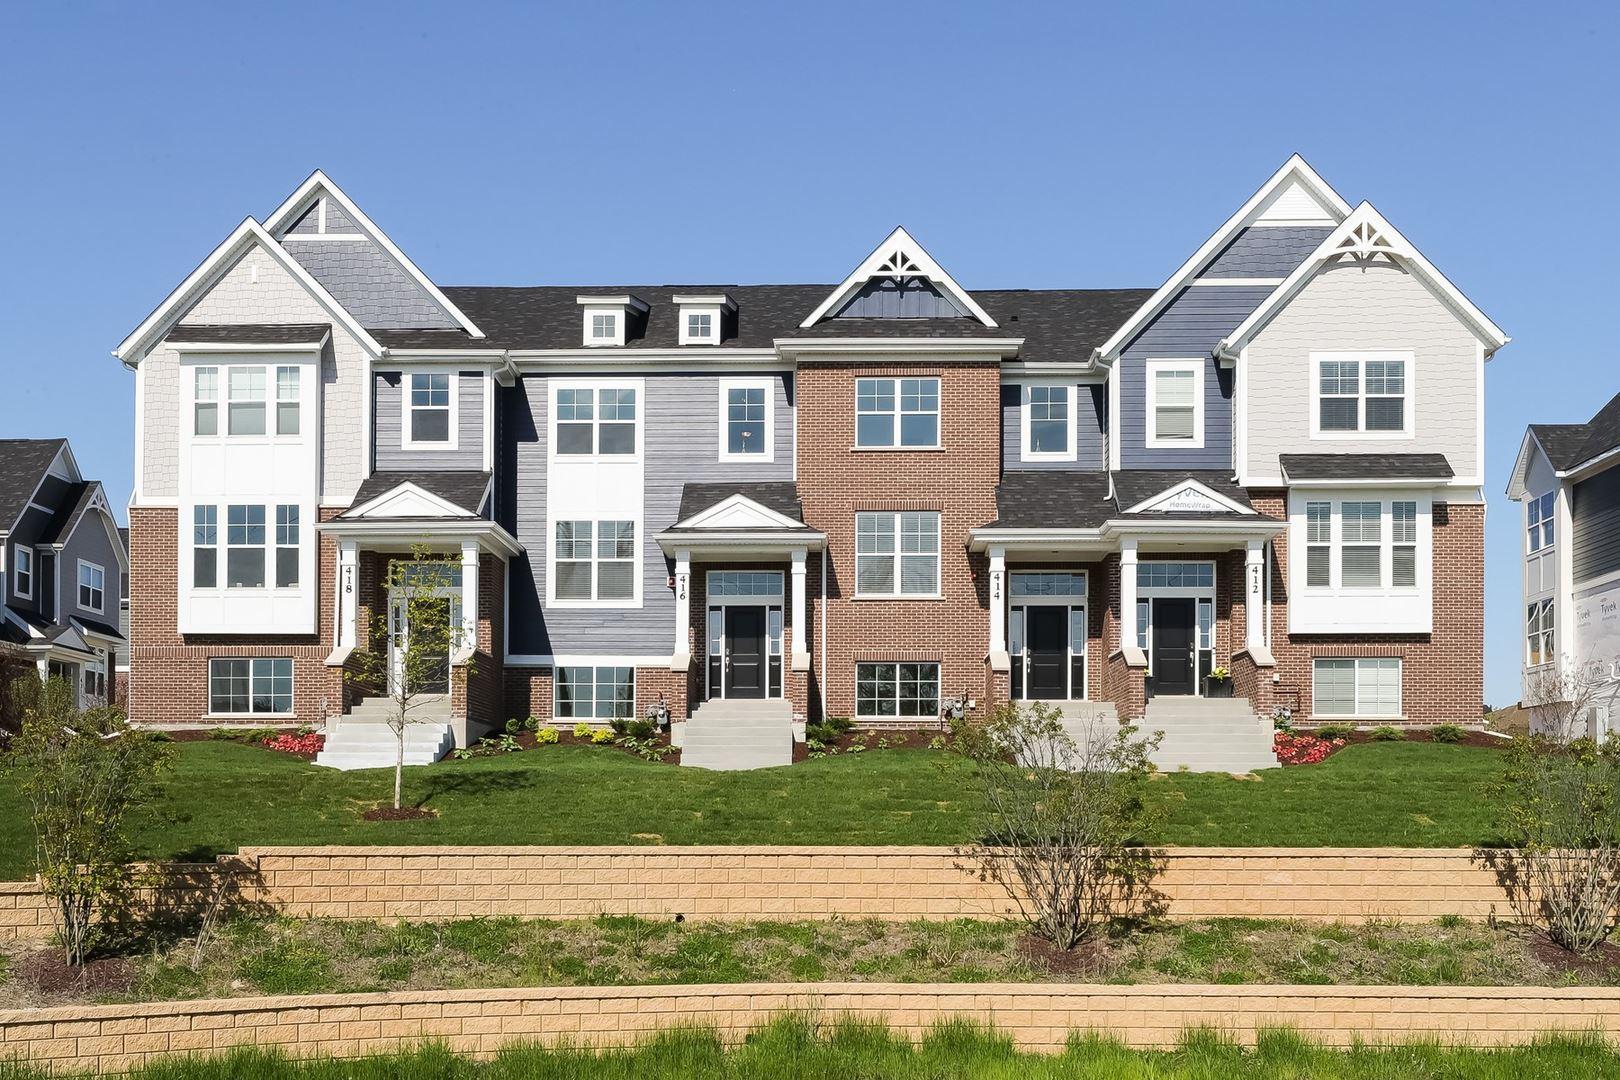 444 Ashley Lot #15.04 Avenue, La Grange, IL 60525 - #: 11177491